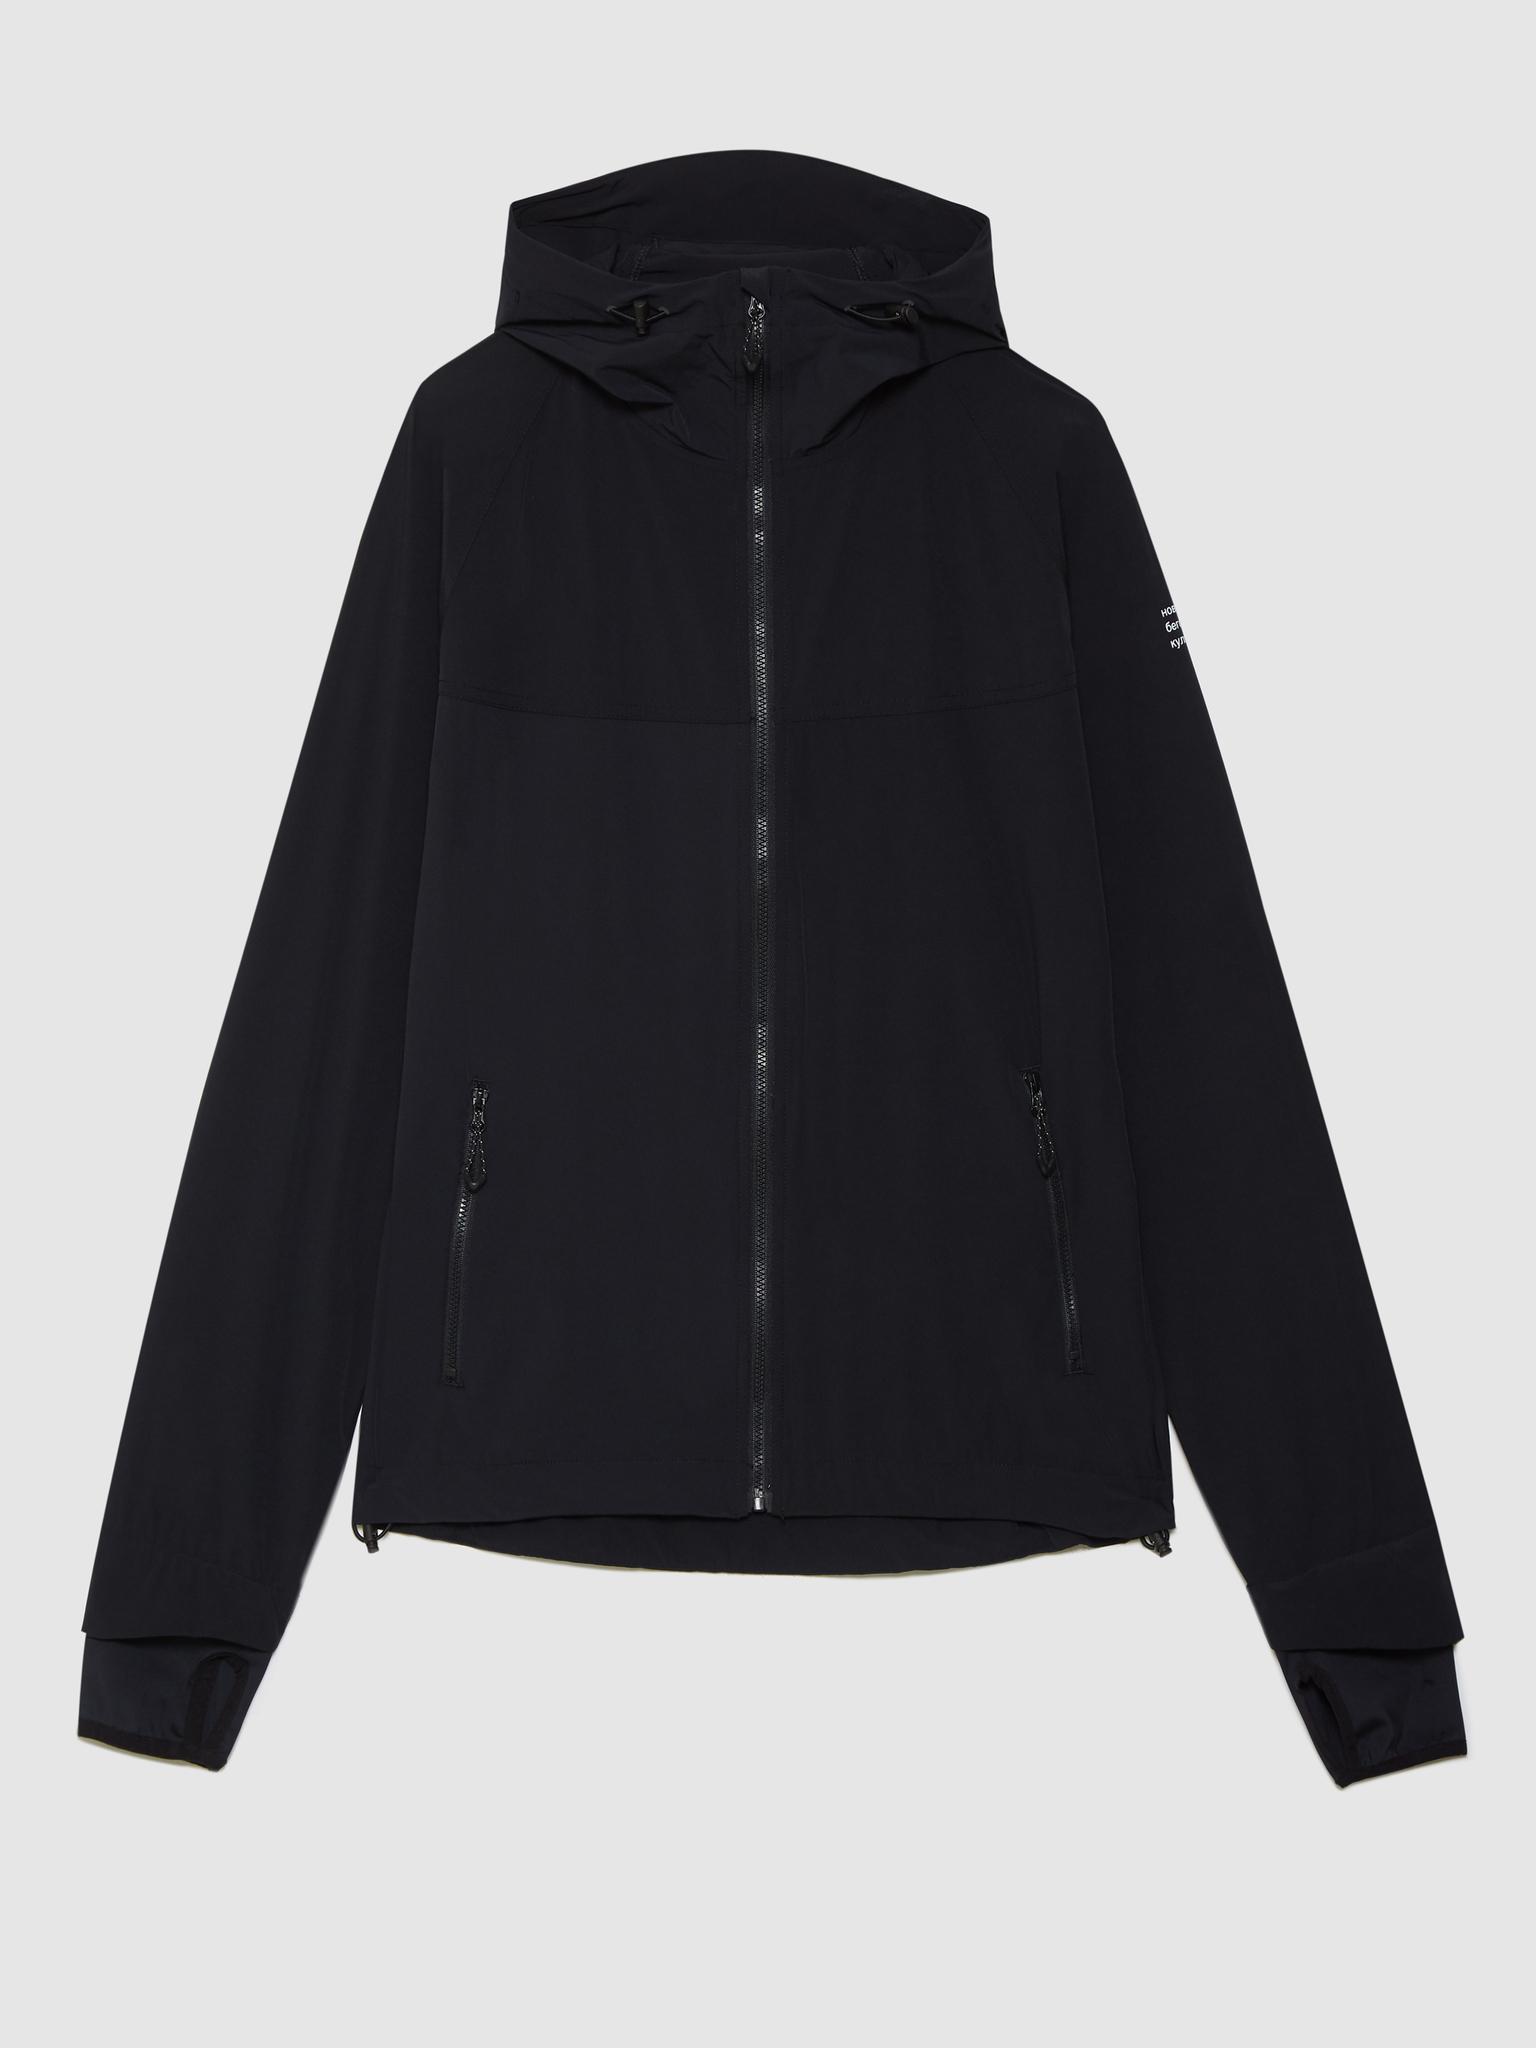 Куртка, Gri, Джеди 2.0, мужская, черная